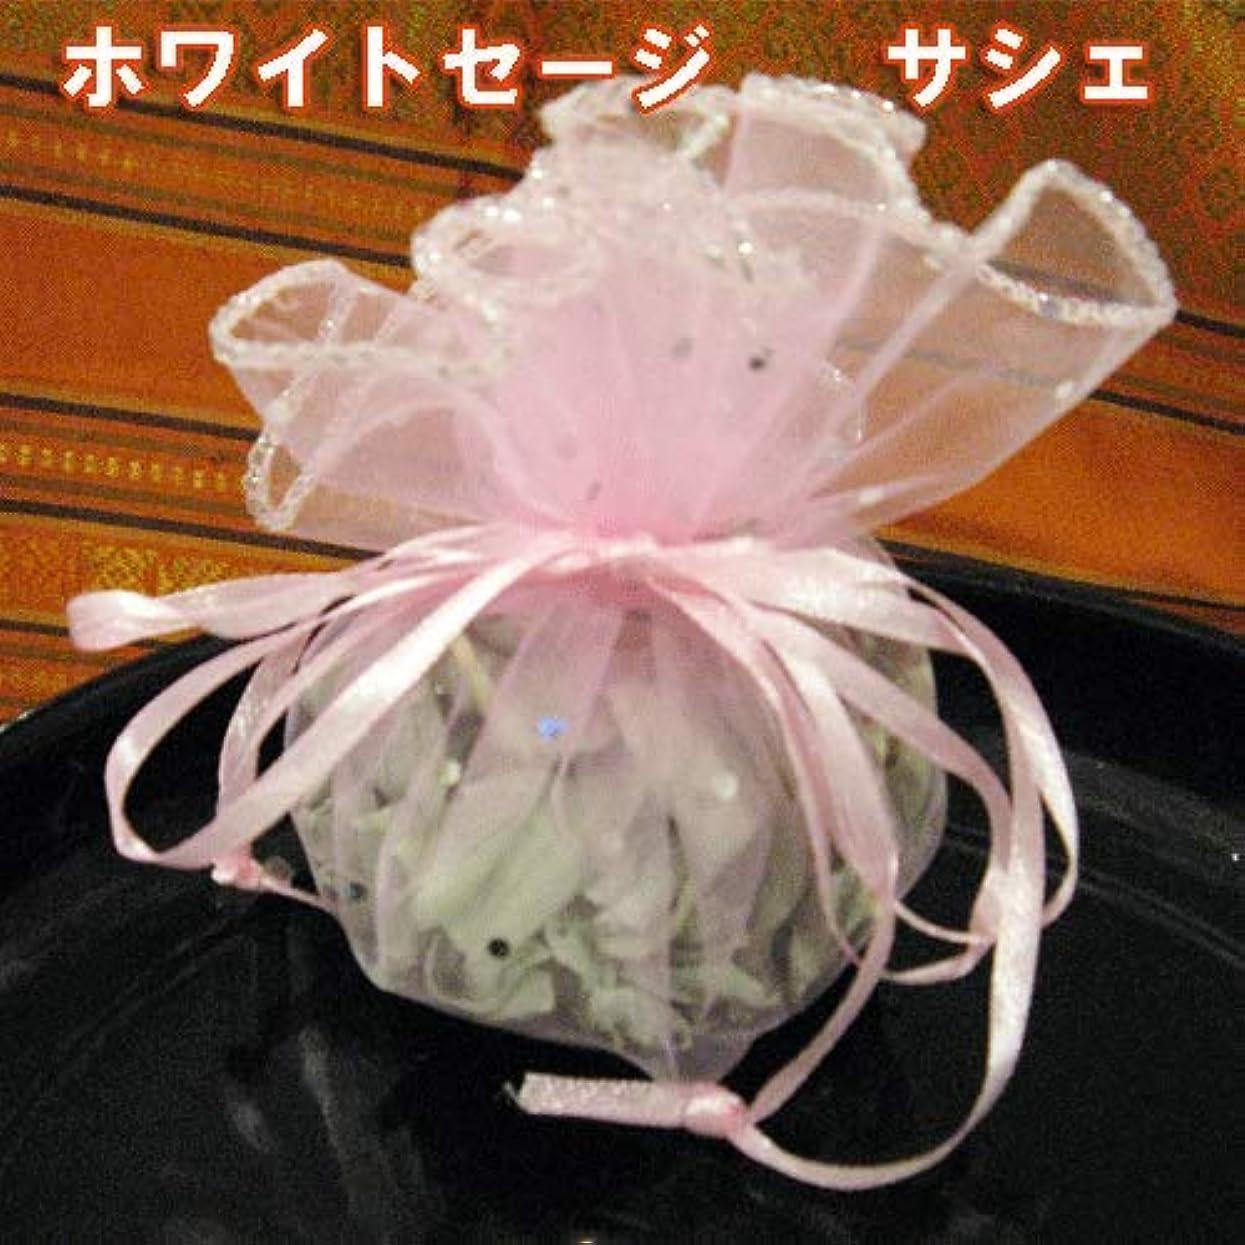 つかまえるラフレシアアルノルディクライストチャーチホワイトセージ サシェ オーガンジー袋入り 約10g